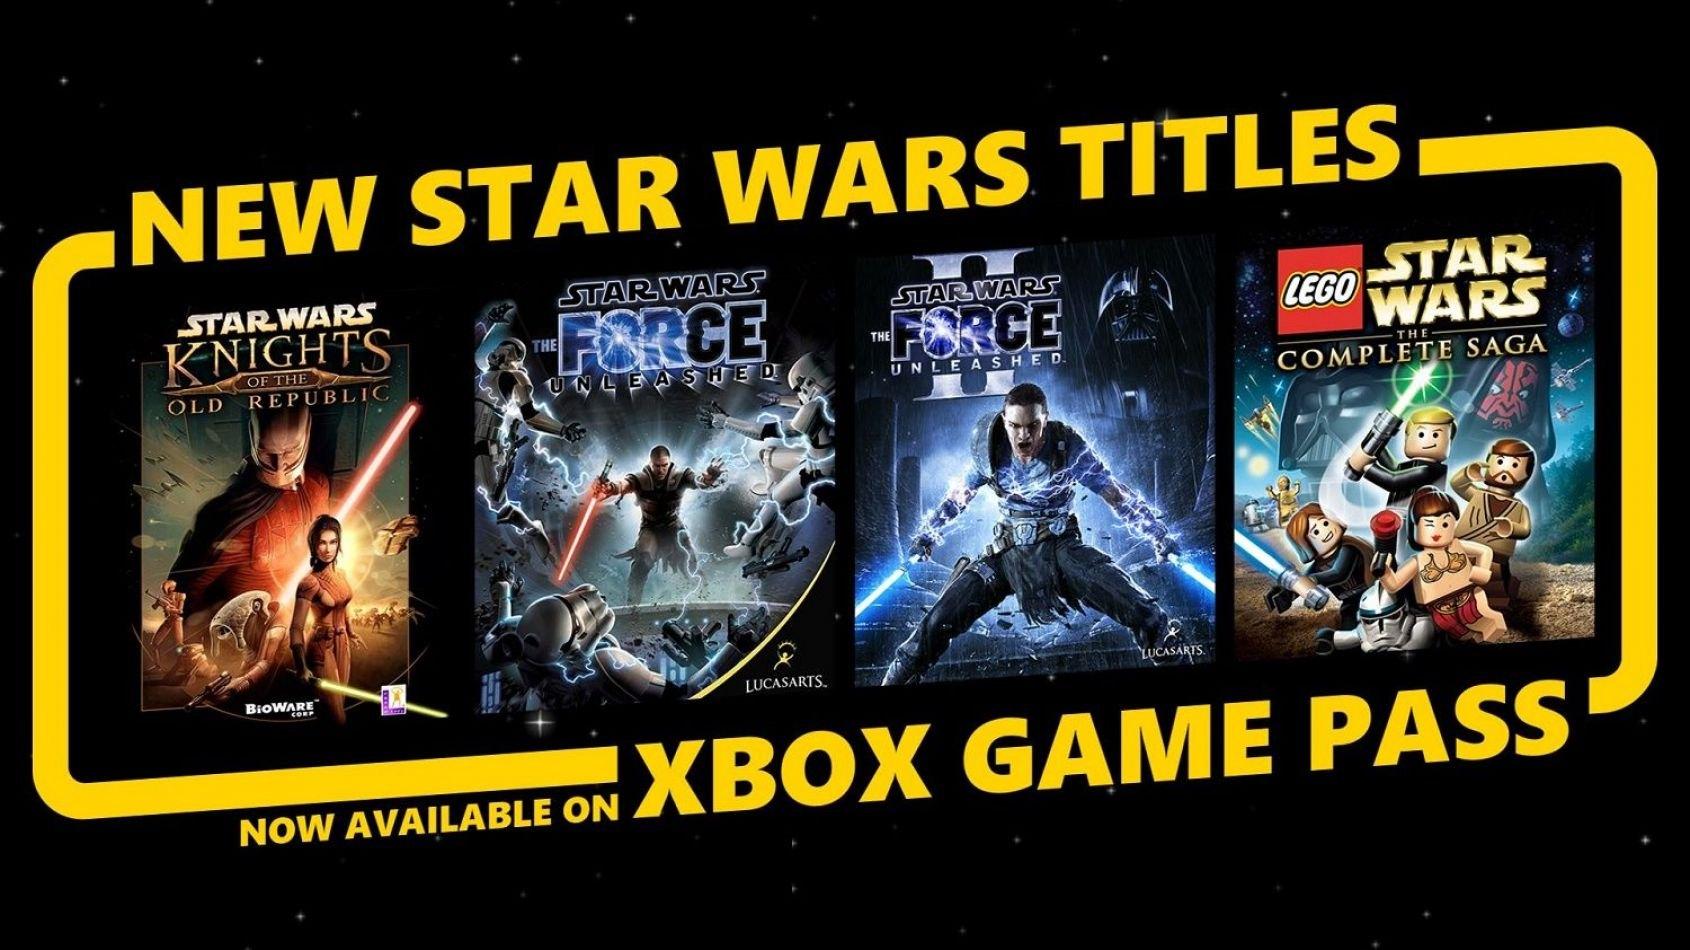 4 jeux Star Wars ajoutés sur le service Game Pass du Xbox Live